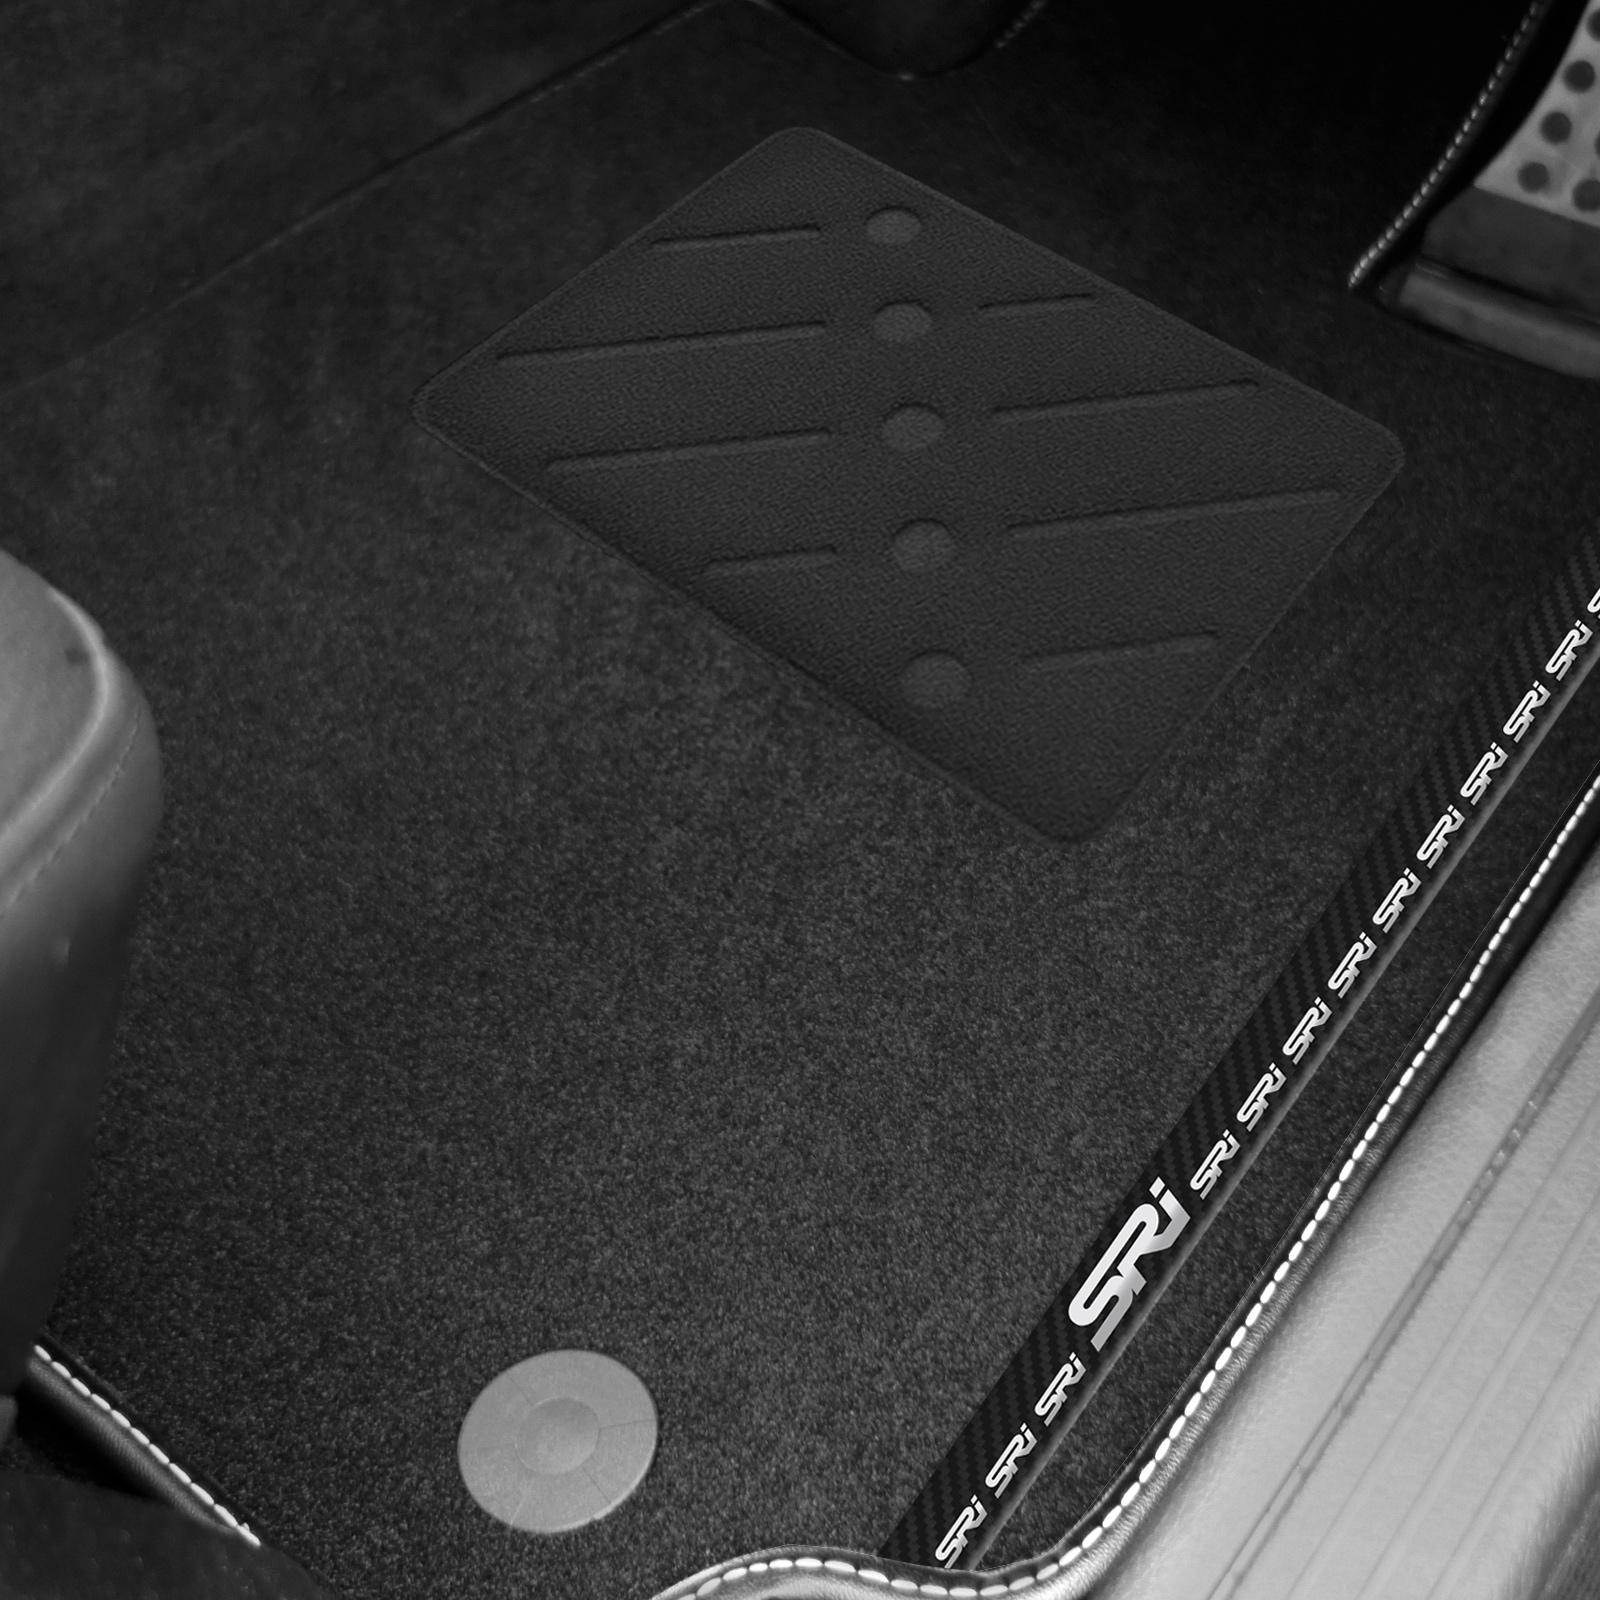 Vauxhall adam mats piranha masonry drill bits